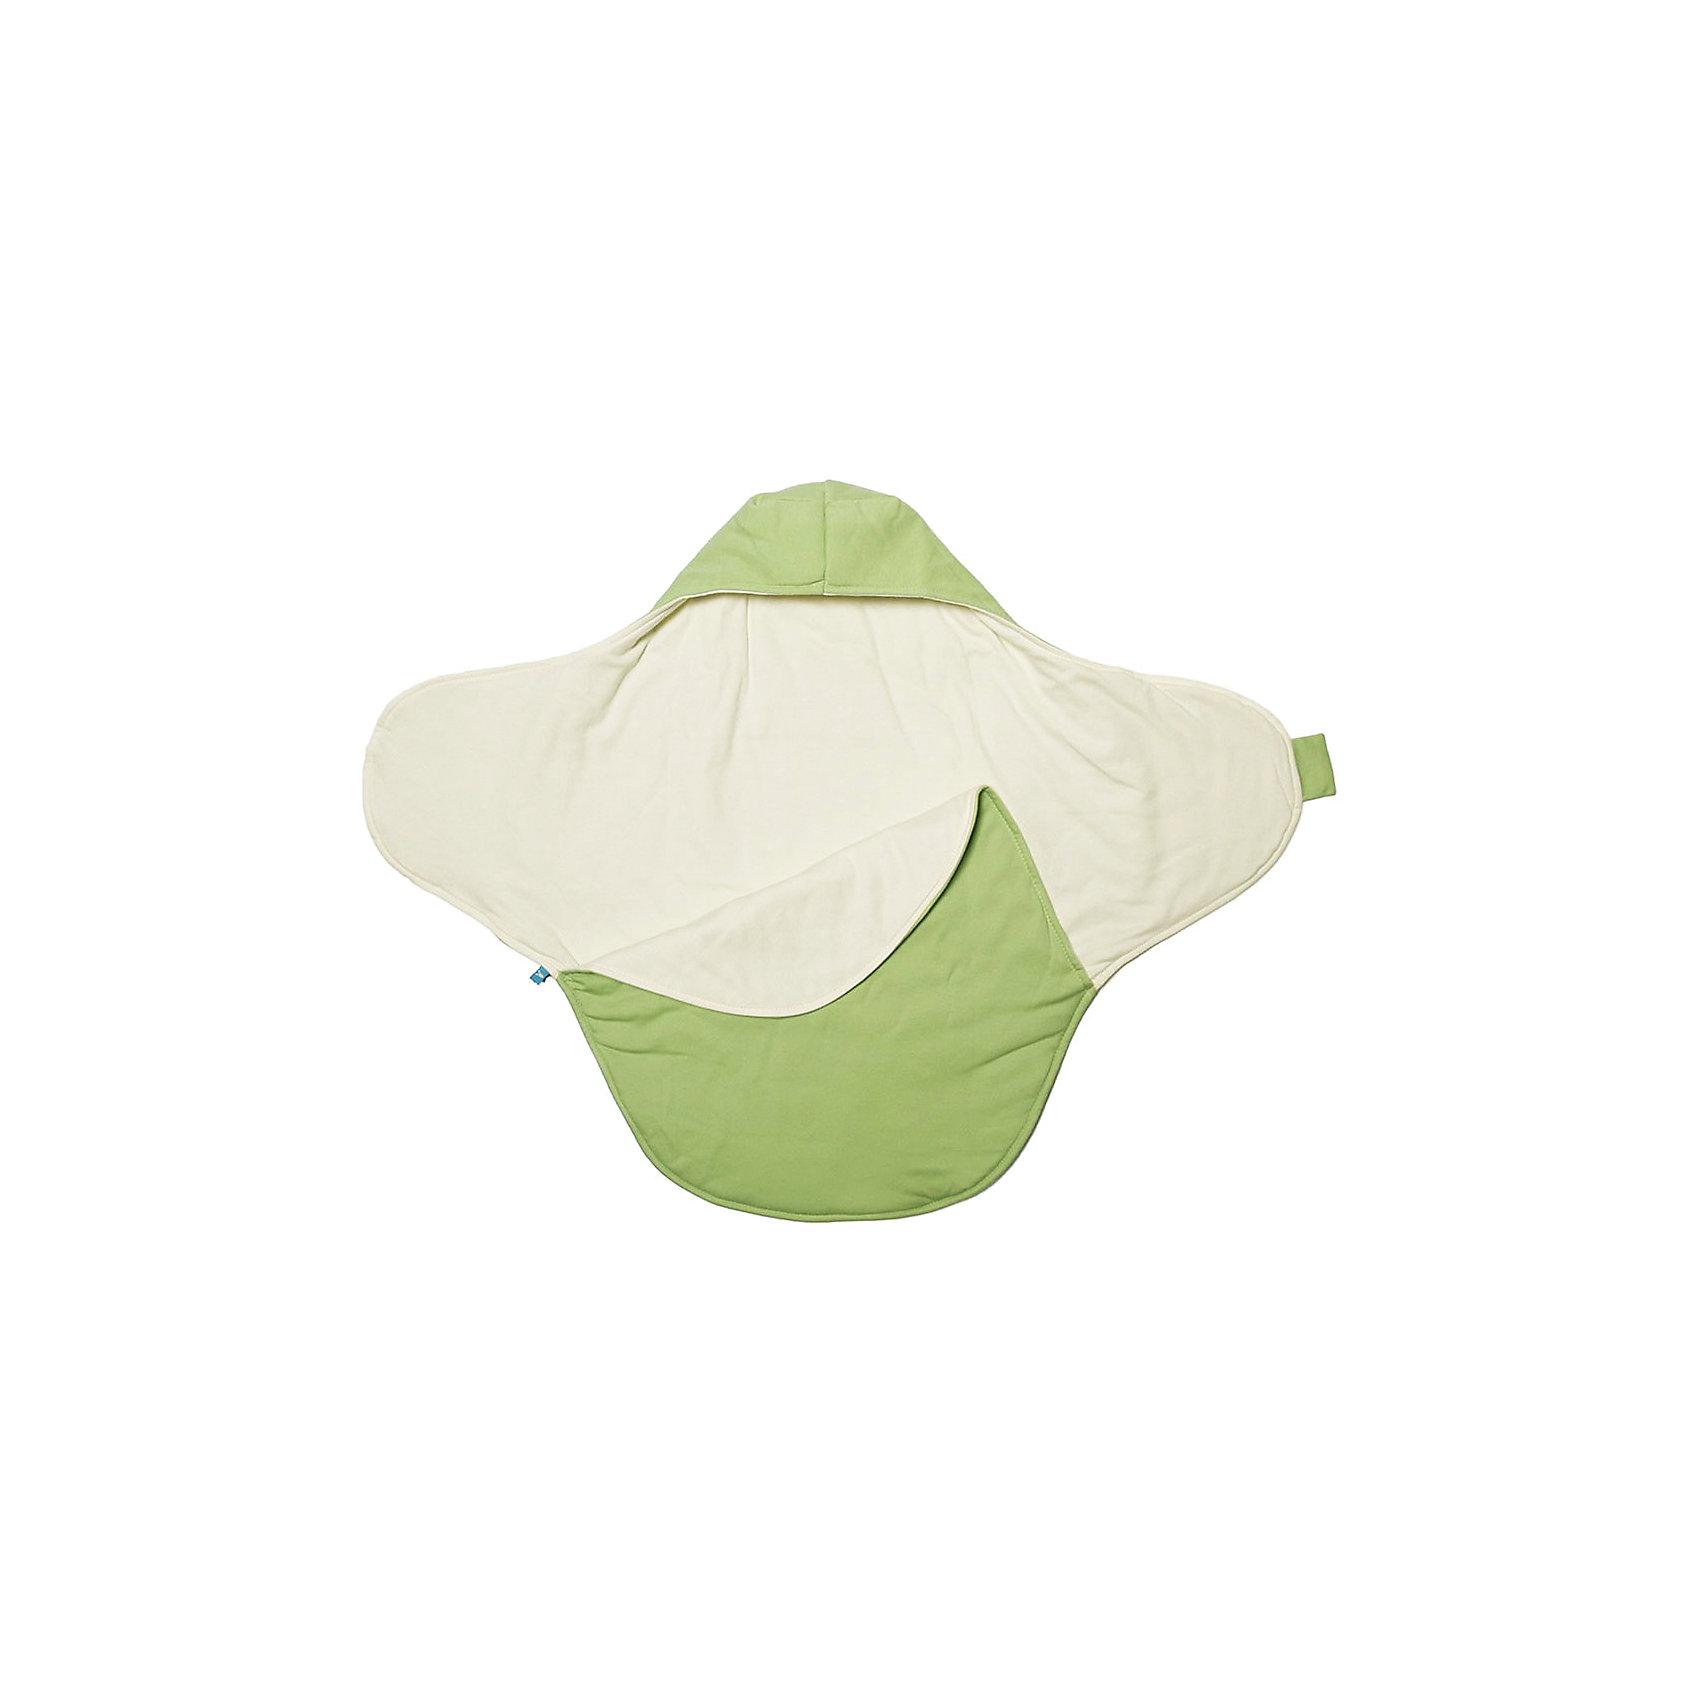 Конверт Кокон трикотаж классика, Wallaboo, лайм/экрюКонверт Кокон трикотаж классика, Wallaboo, лайм/экрю – красота и комфорт для самых маленьких.<br>Удобный, безопасный и мягкий кокон – идеальное решение для малыша. Конверт не пропускает холодный воздух, но позволяет дышать нежной коже малыша, благодаря качественному 100% х/б трикотажу. Удобный кармашек для ножек не оставит равнодушным вашего ребенка, ему не захочется вылезать из такого уютного кокона. Конверт не имеет застежек, поэтому одевать его максимально легко и быстро. Кокон подходит для авто-кресла, так как имеет отверстие для ремня безопасности. Поездка, прогулка или просто сон в кроватке будет приятным вместе с этим коконом!<br><br>Дополнительная информация: <br>- Размер 80Х80Х50 мм<br>- Вес 550 грамм<br>- 100% х/б трикотаж<br>- Машинная стирка 40 градусов<br>- Возраст до 12 месяцев<br>- Европейский сертификат качества<br><br>Конверт Кокон трикотаж классика, Wallaboo, лайм/экрю можно купить в нашем интернет-магазине.<br><br>Ширина мм: 80<br>Глубина мм: 80<br>Высота мм: 50<br>Вес г: 550<br>Возраст от месяцев: 0<br>Возраст до месяцев: 12<br>Пол: Унисекс<br>Возраст: Детский<br>SKU: 4632767